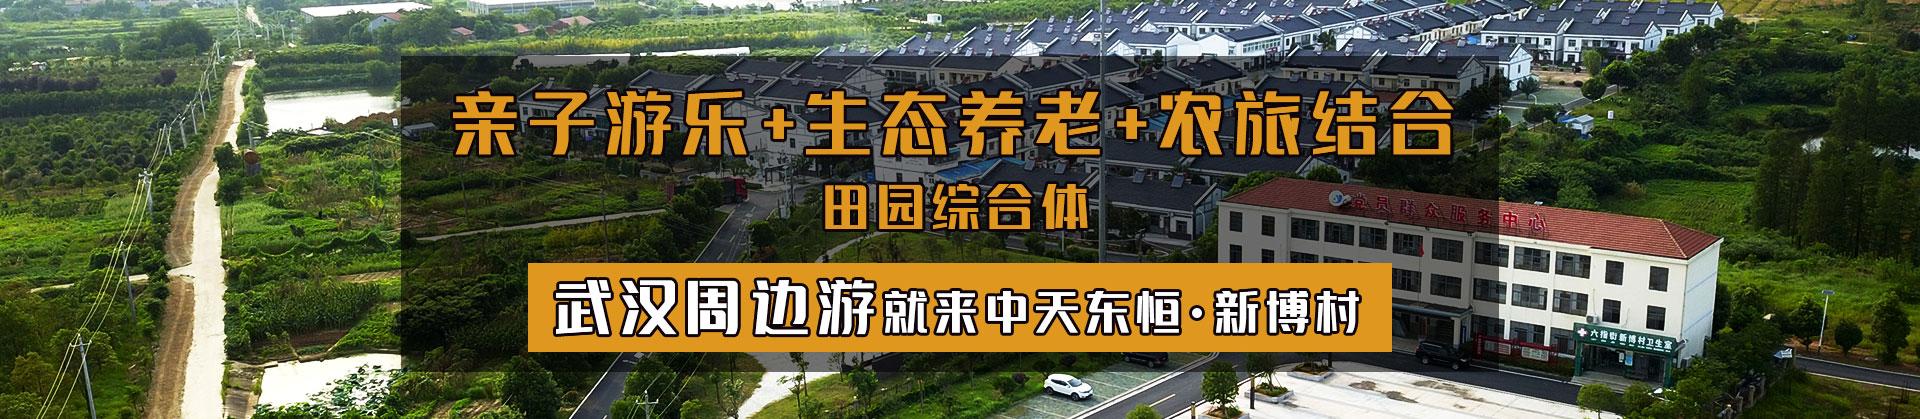 http://www.whztdh.cn/data/upload/202101/20210108151205_733.jpg